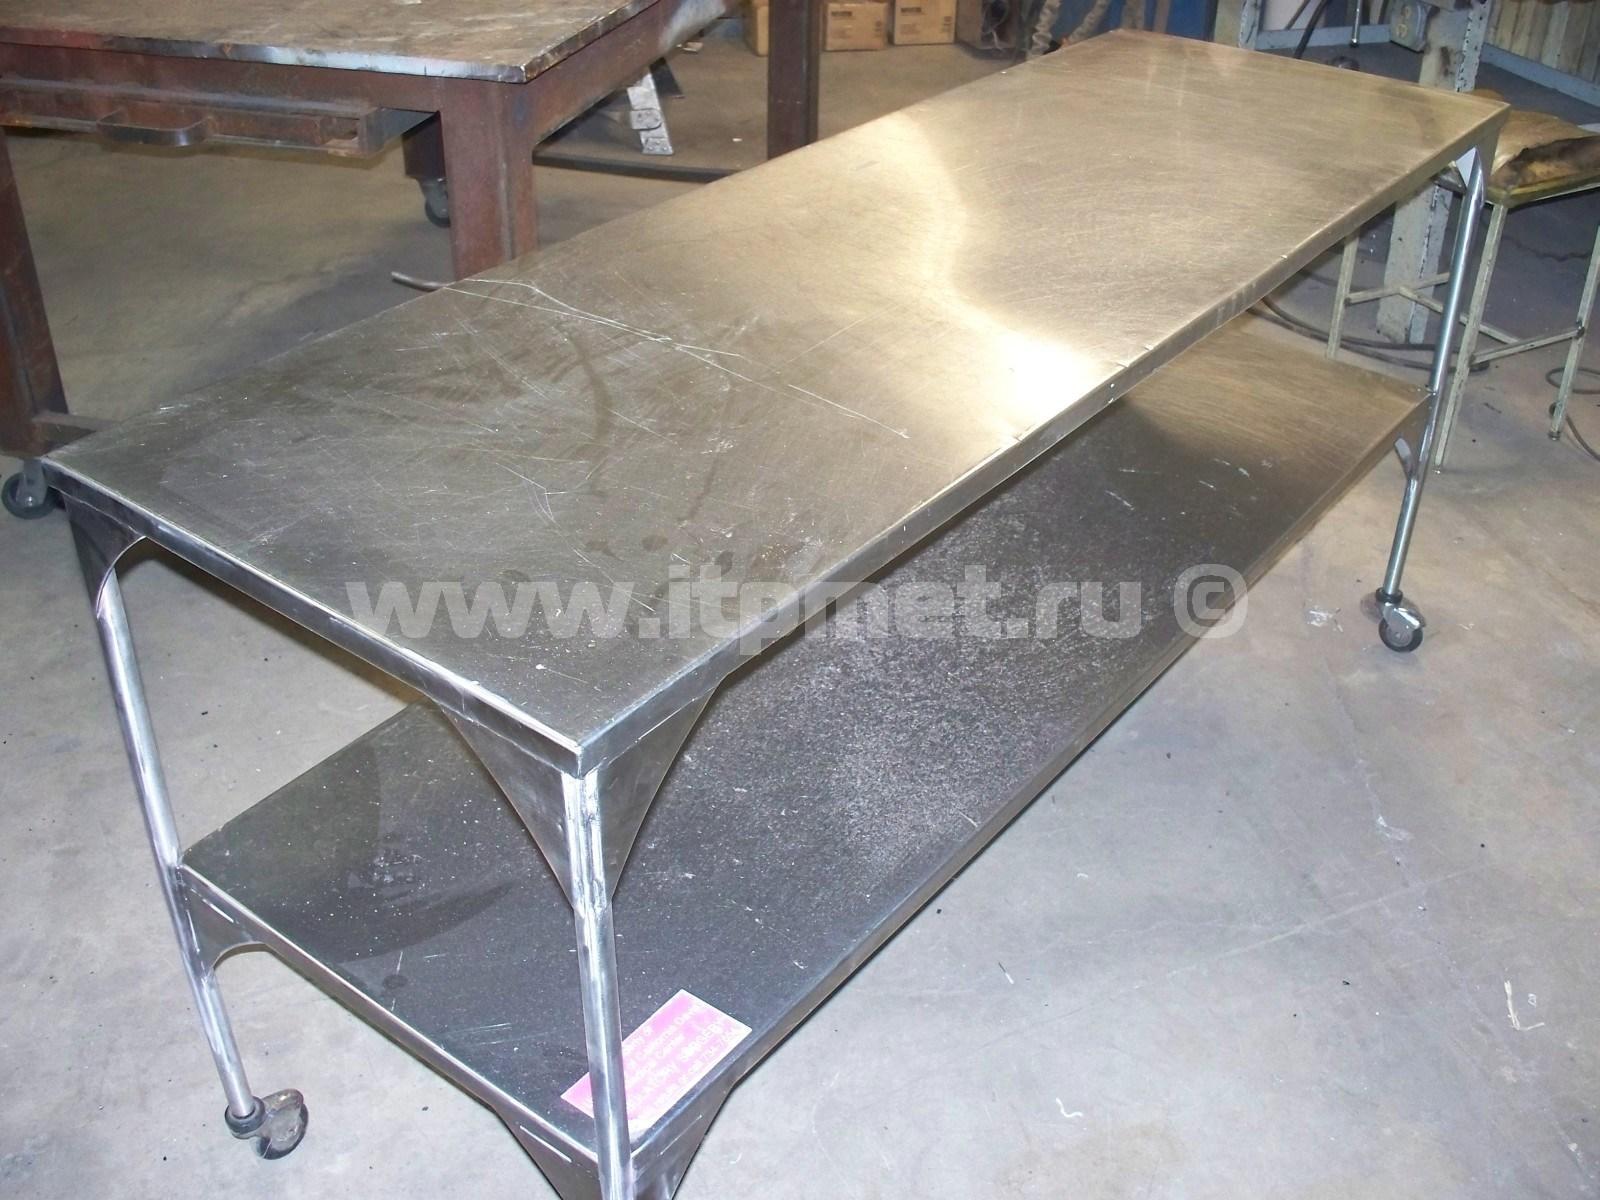 92c174c24654 Изготовление изделий из нержавеющей стали на заказ в Москве.